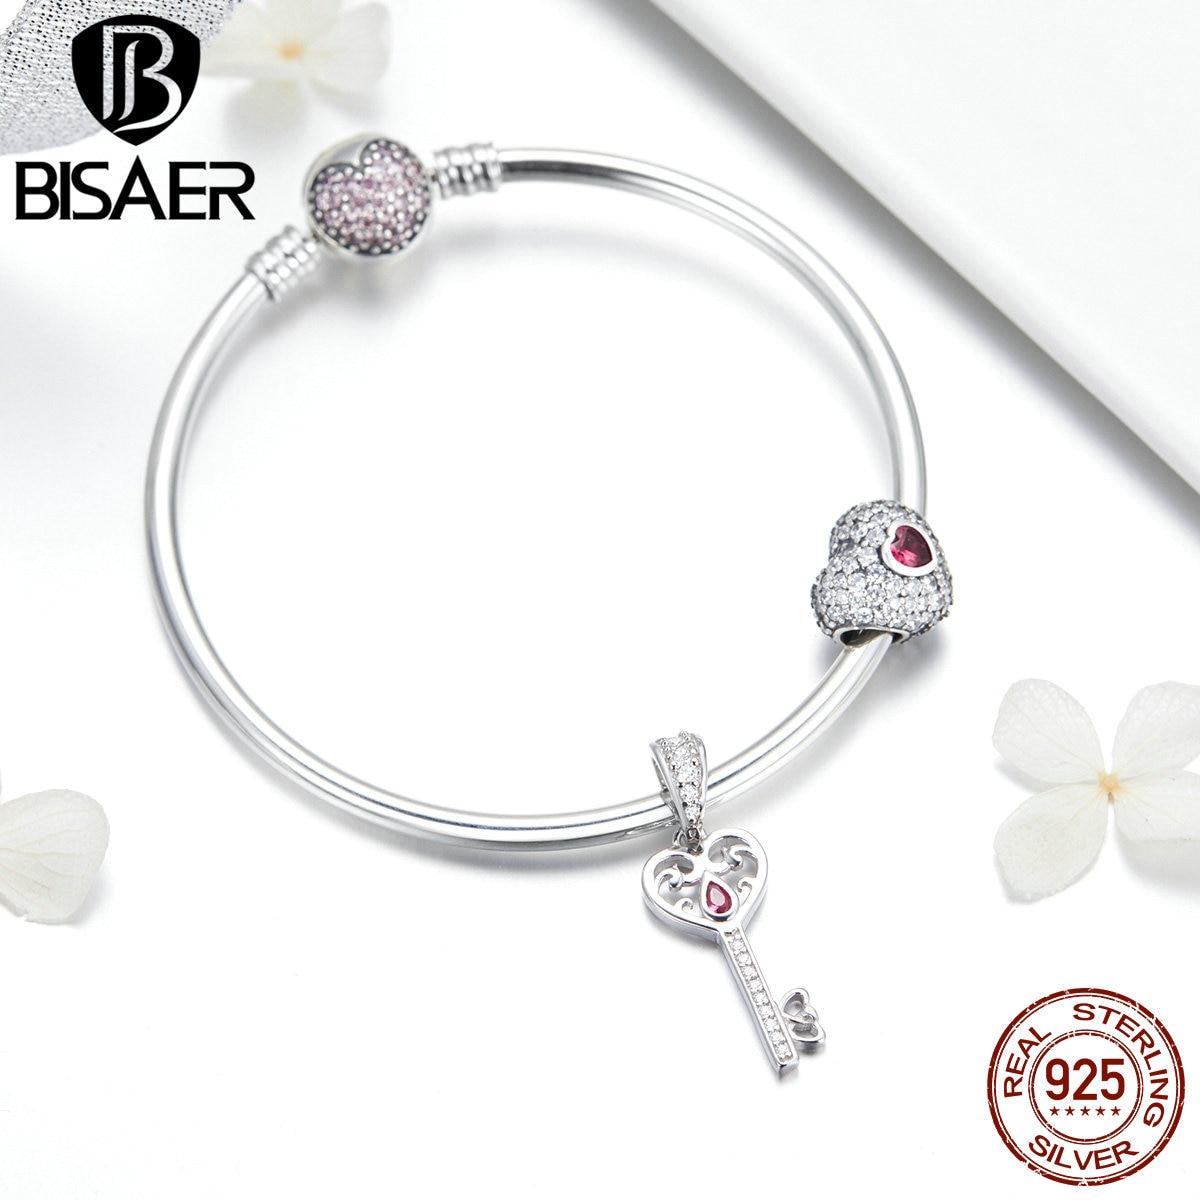 BISAER Valentines Cadeau 925 Sterling Argent Lumineux Amour Coeur Clé Coeur Fermoir Bracelet Bracelet Femmes Argent 925 Bijoux ECB817